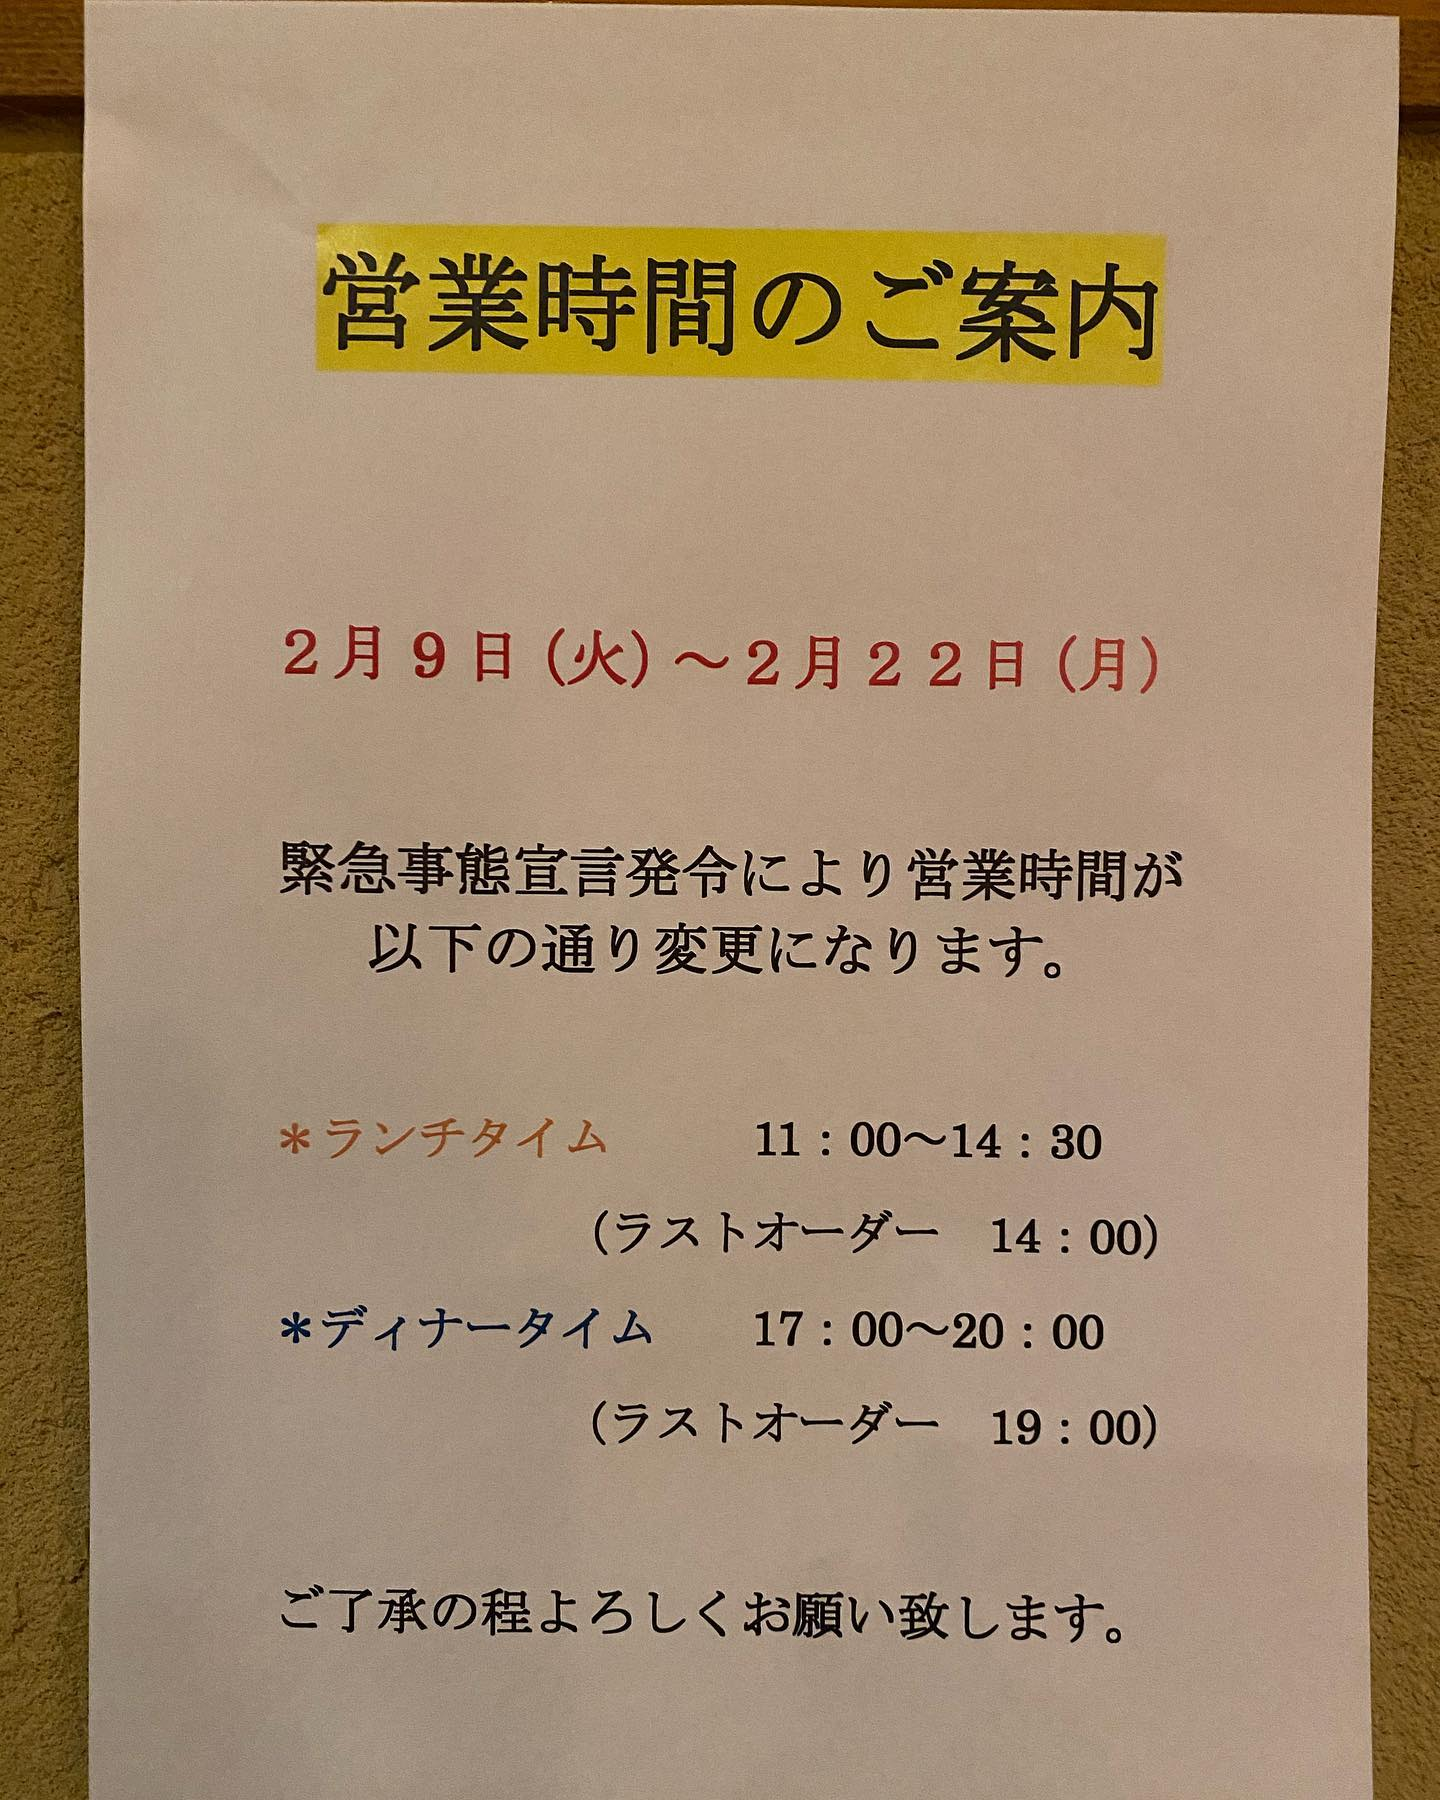 【お知らせ】  緊急事態宣言により、2月9日〜2月22日まで延期になり、営業時間が変更になります。 ご了承ください。 ・[昼] 11:00〜14:30(ラストオーダー14:00) ・[夜] 17:00〜20:00(ラストオーダー19:00)  ご来店お待ちしております。 ※HPはインスタプロフィールのURLからご覧下さい